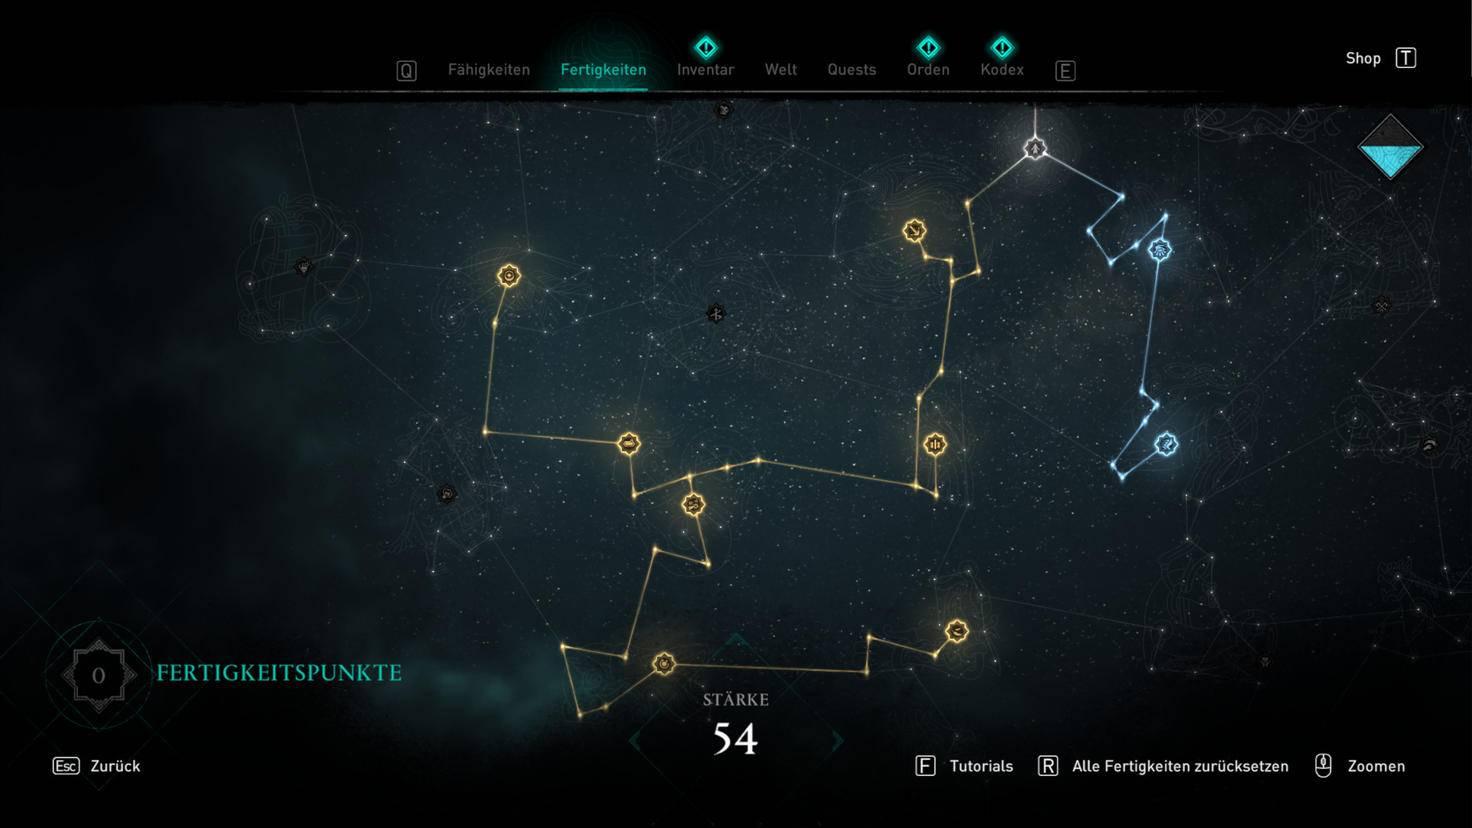 assassins-creed-valhalla-skills-fertigkeiten-gelb-2